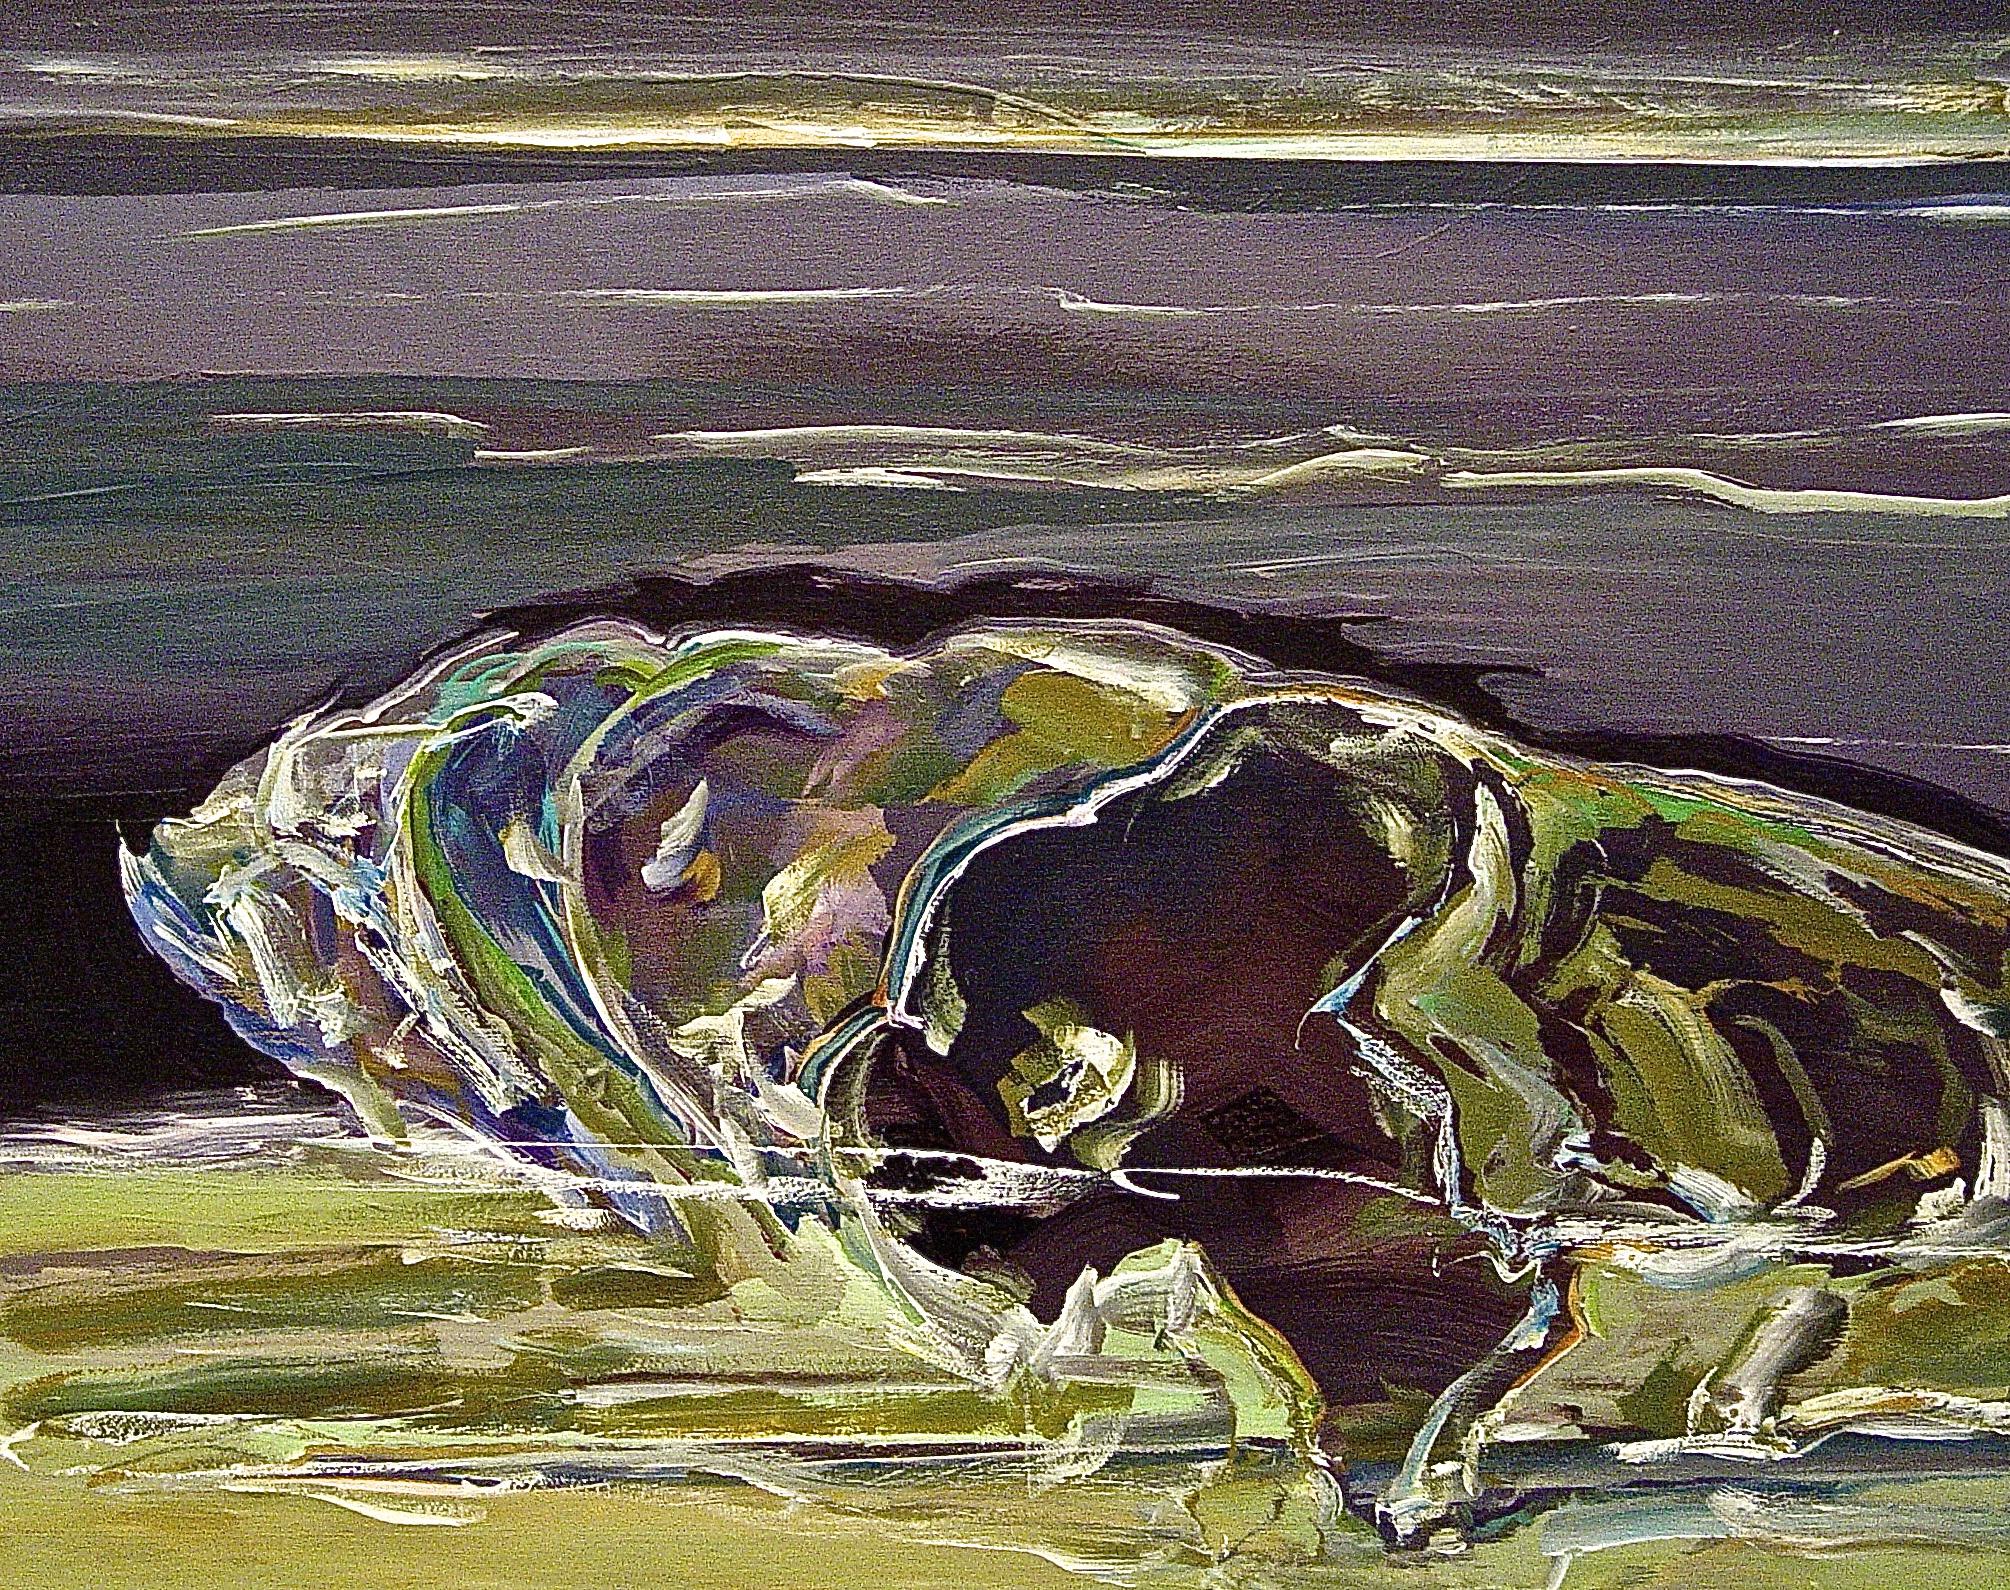 buffalo images.JPG